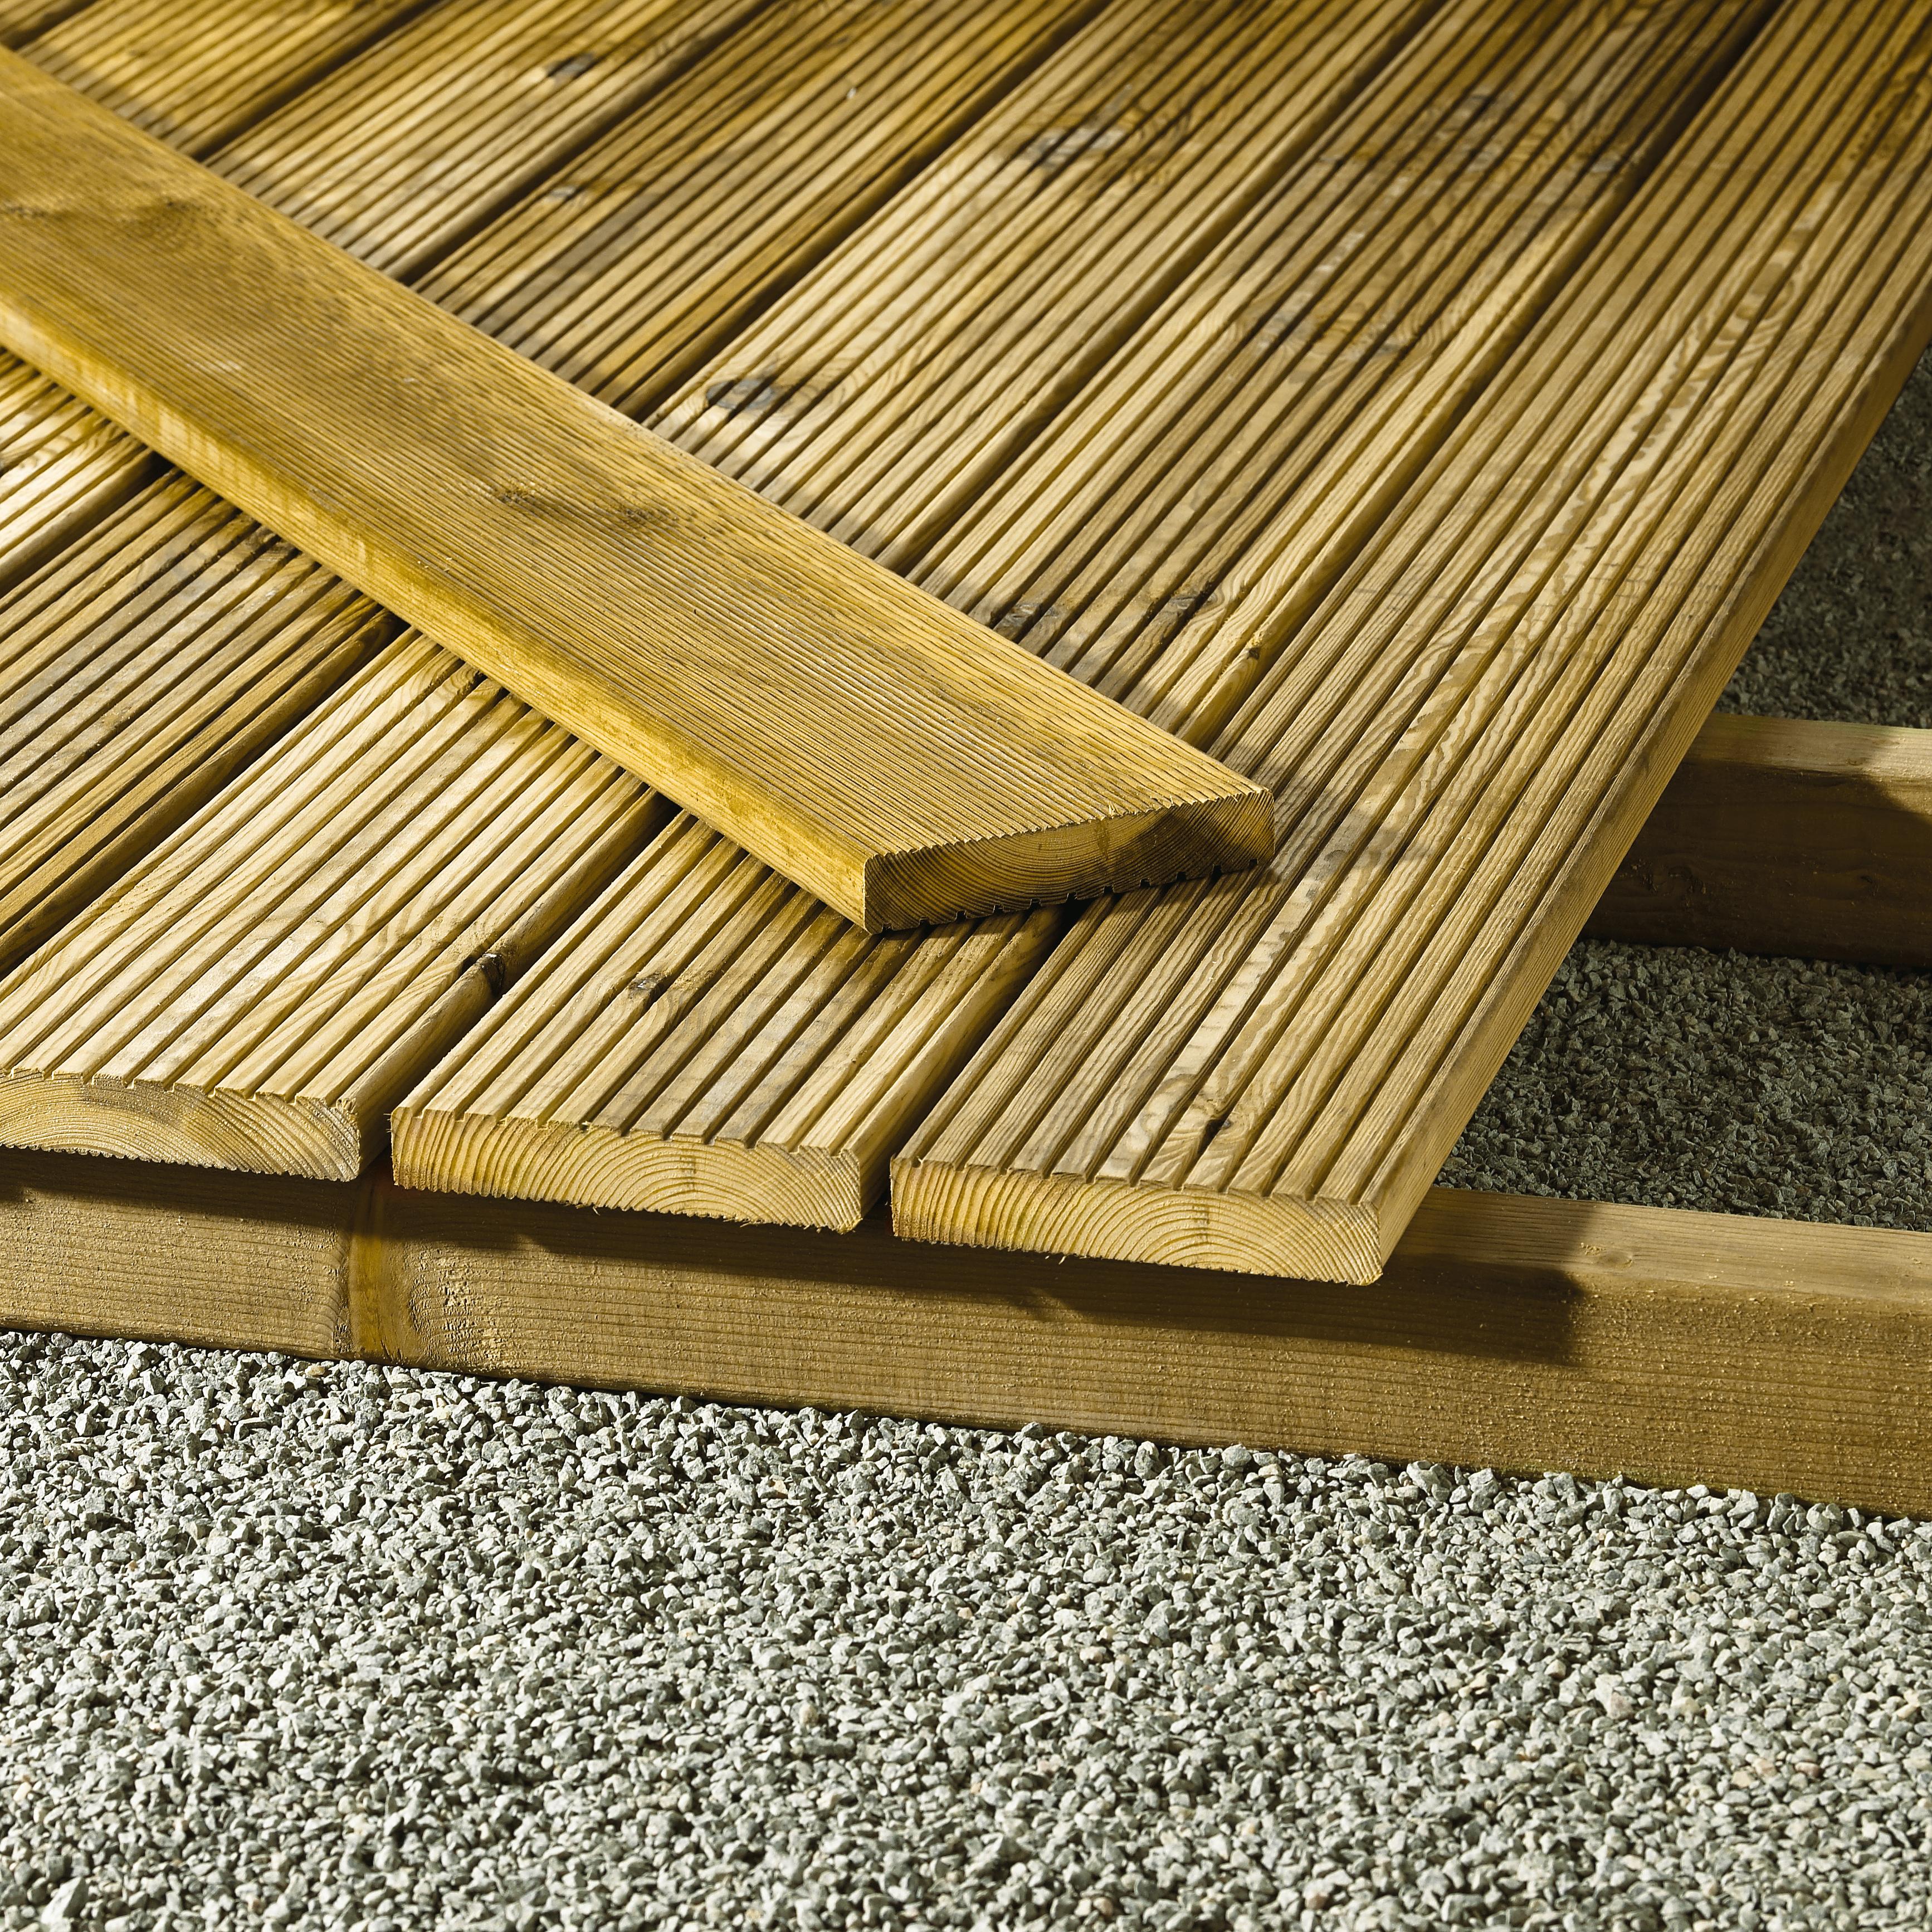 Holz Im Garten Swertz Webseite